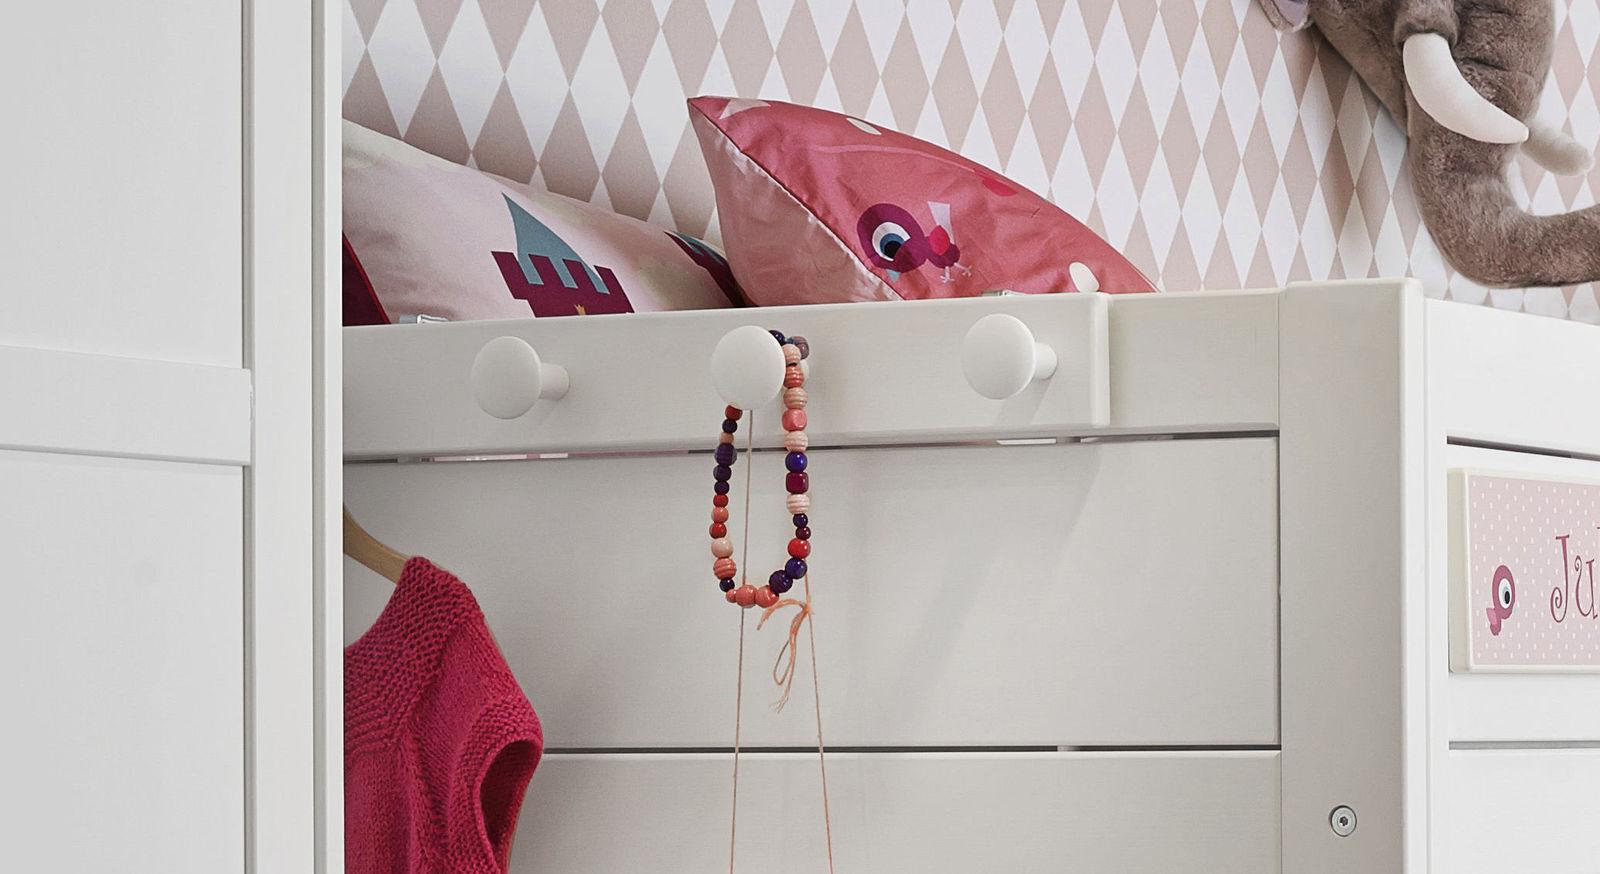 LIFETIME Kleiderhakenleiste am Bett einfach zu montieren